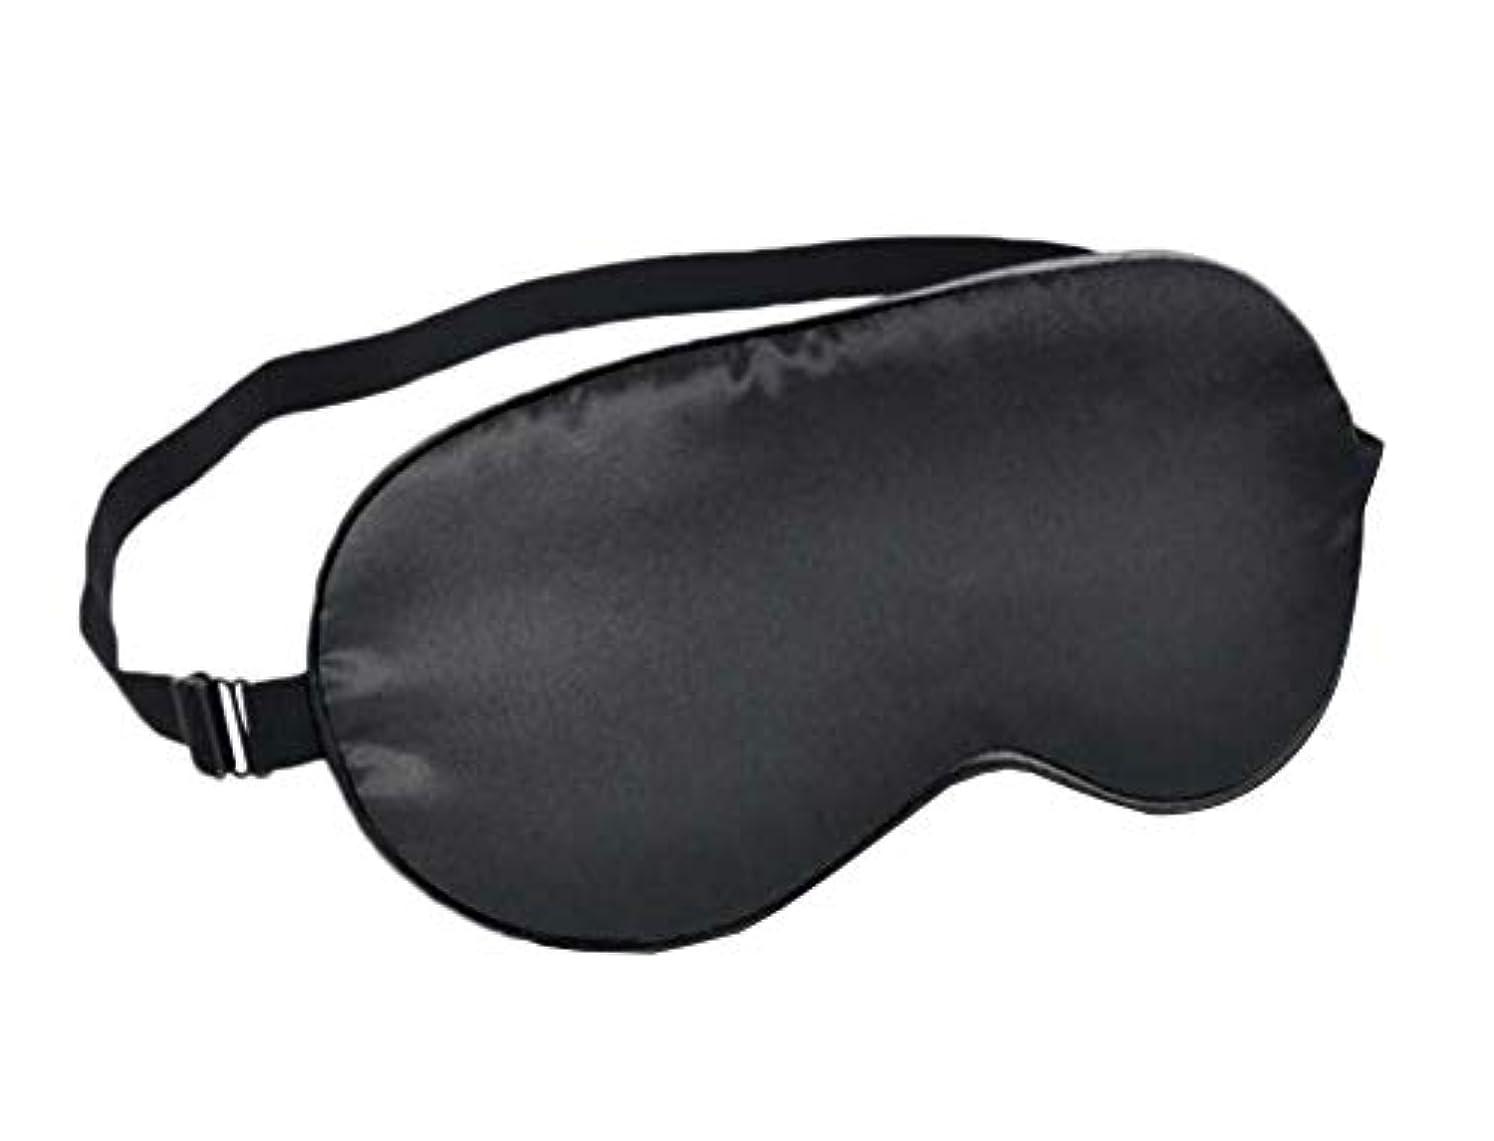 予約永久に類推子供たちシルク睡眠アイマスク睡眠のソフトアイマスク - 14